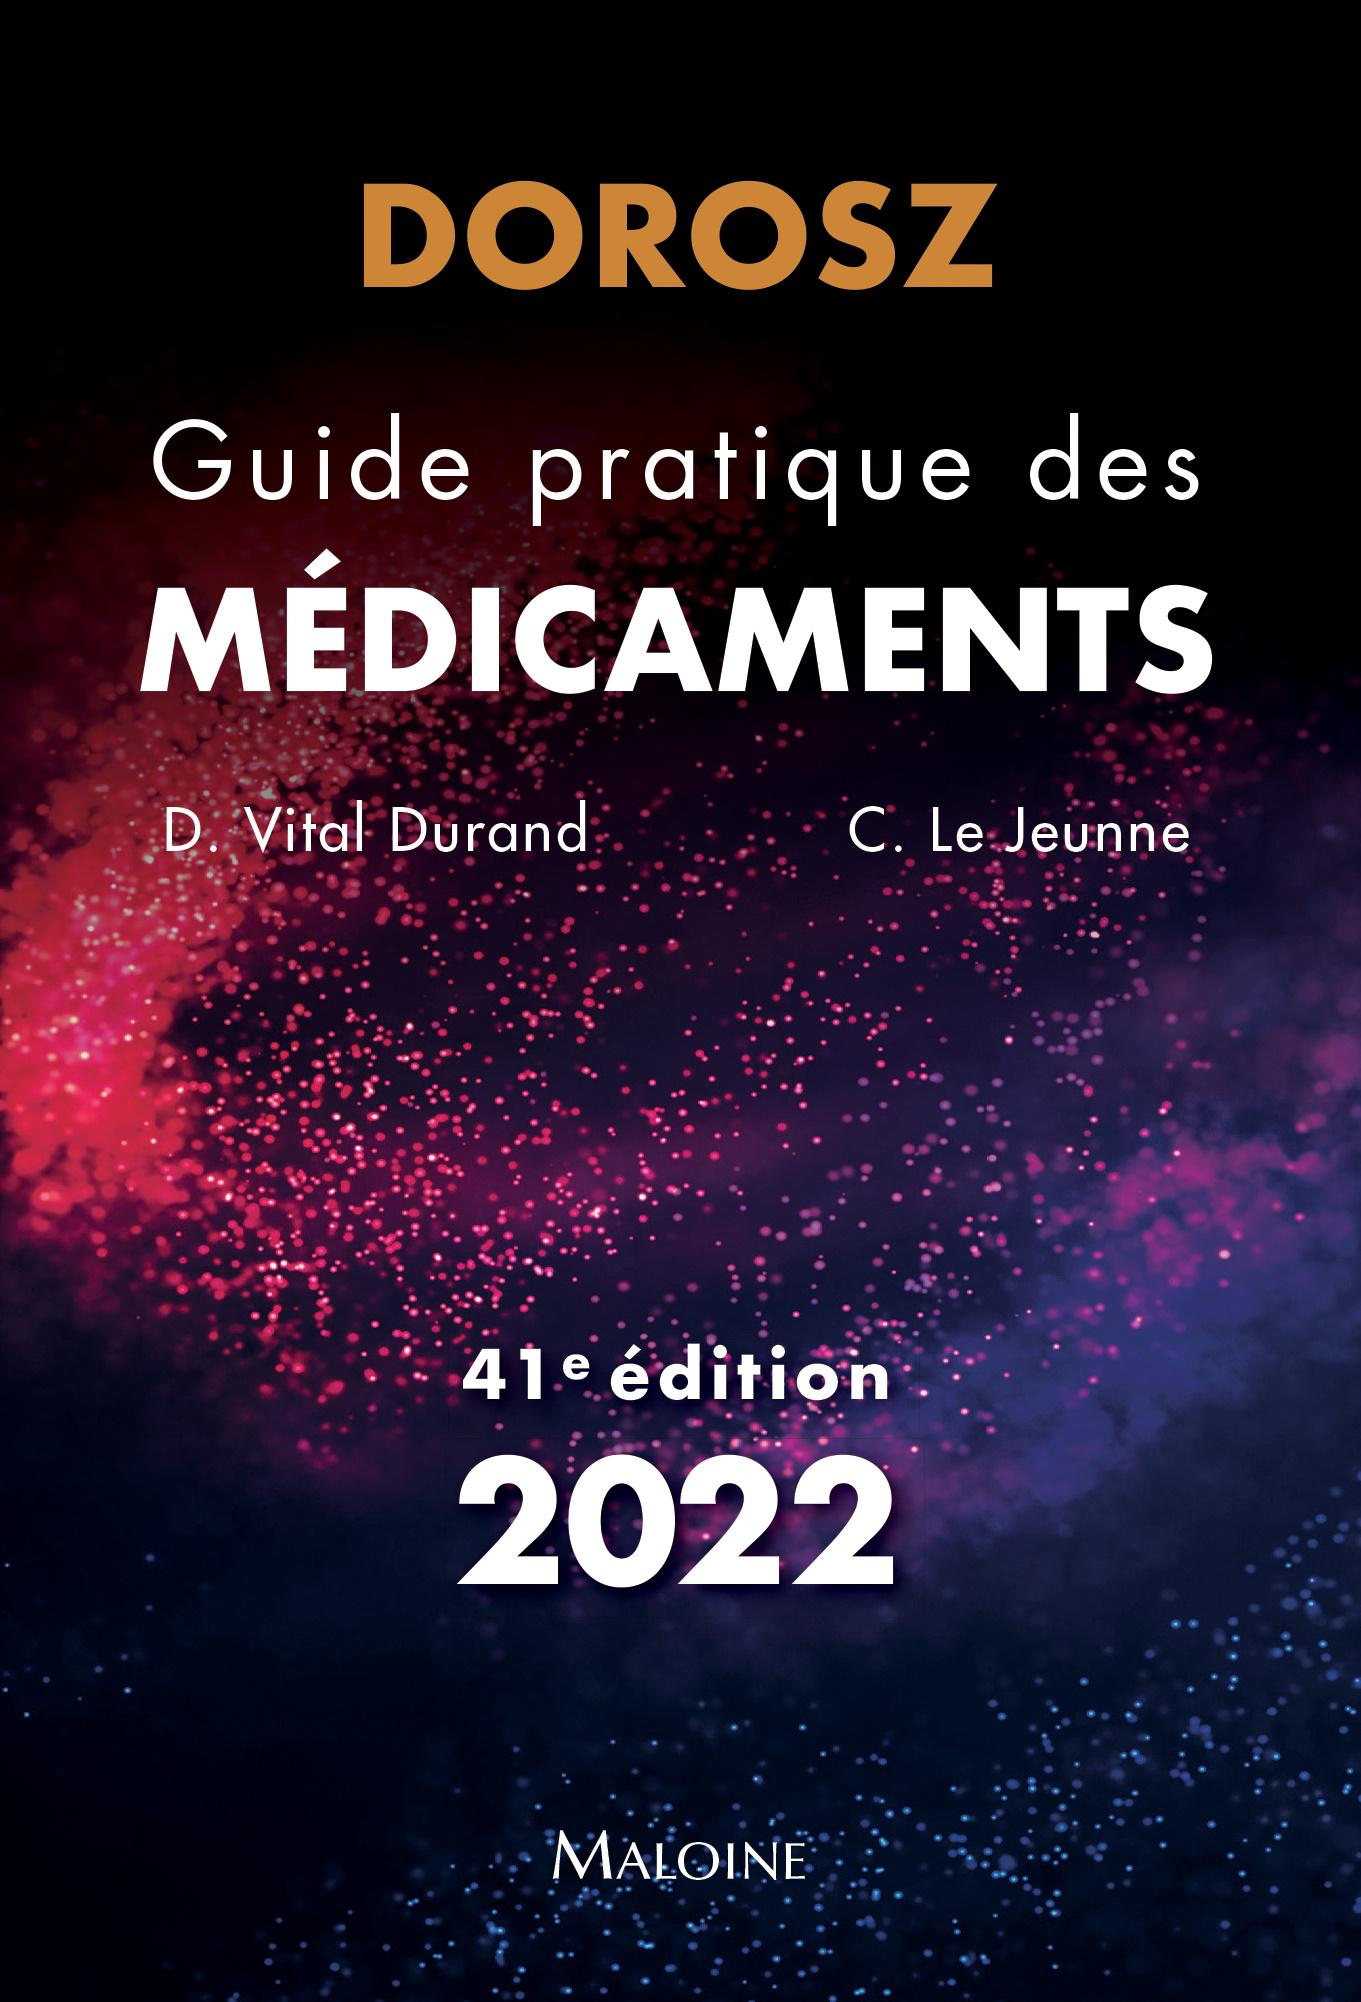 Dorosz Guide pratique des médicaments 2022, 41e éd